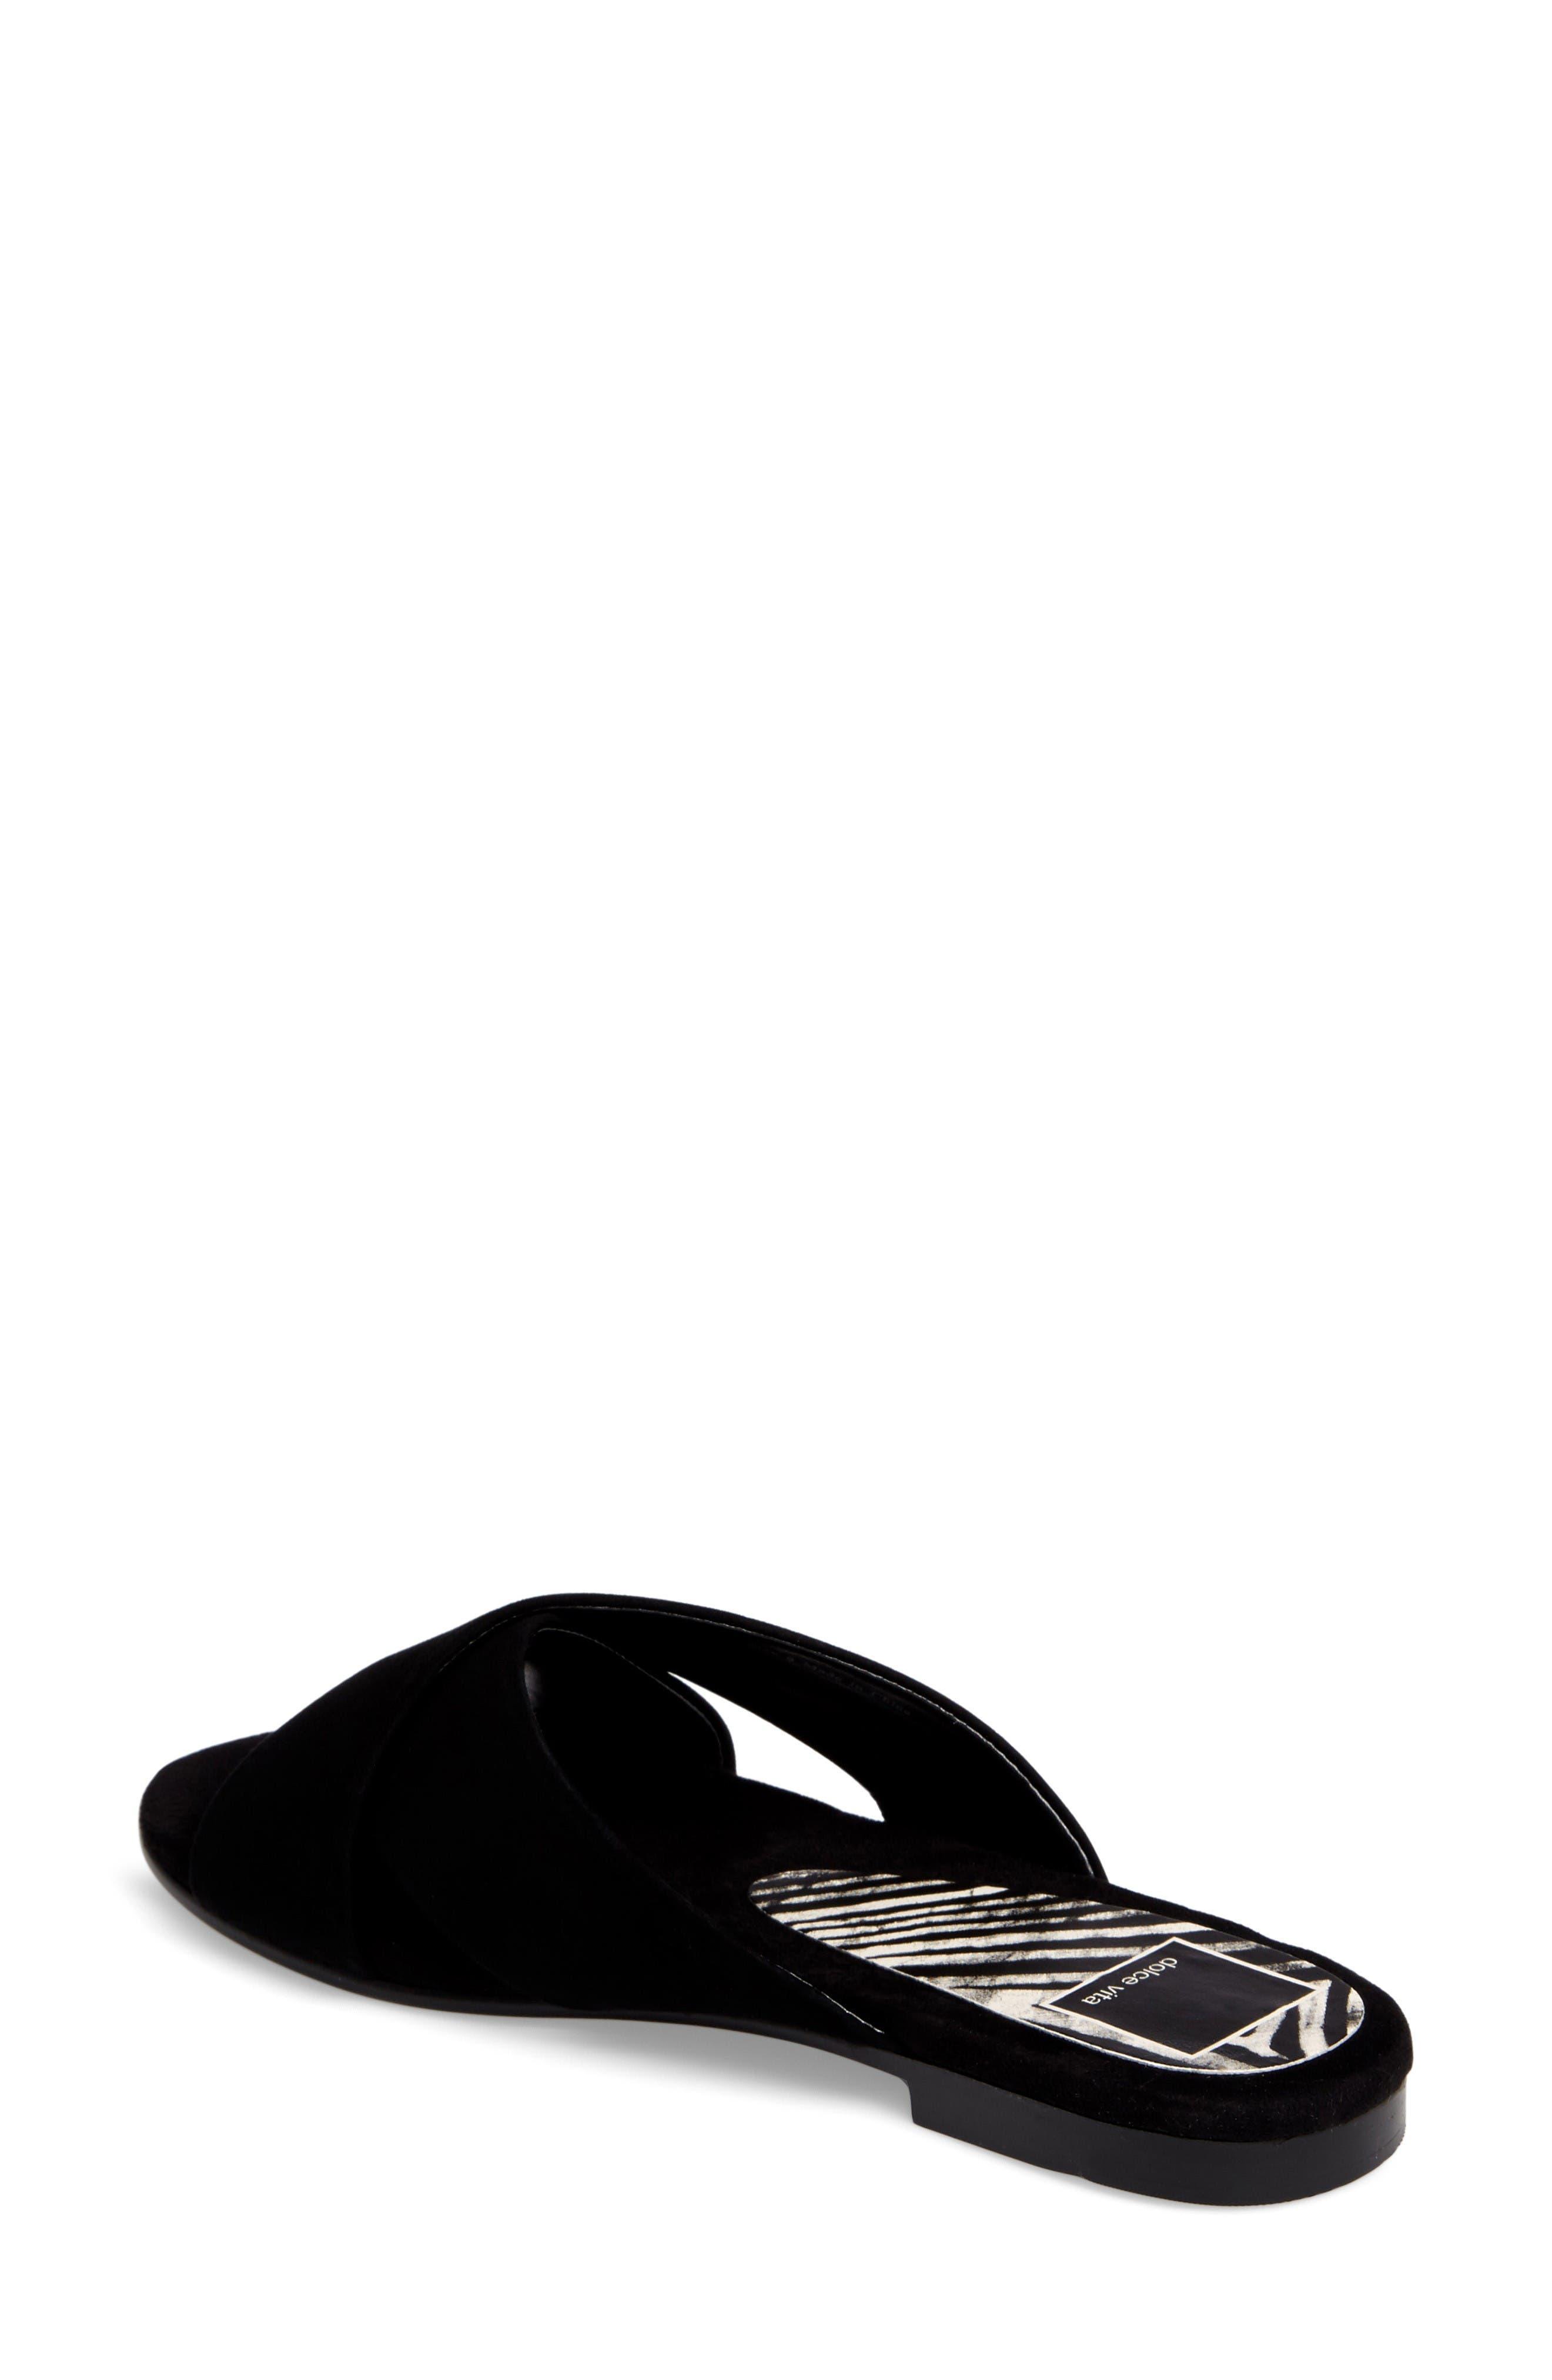 Alternate Image 2  - Dolce Vita Cross Strap Slide Sandal (Women)